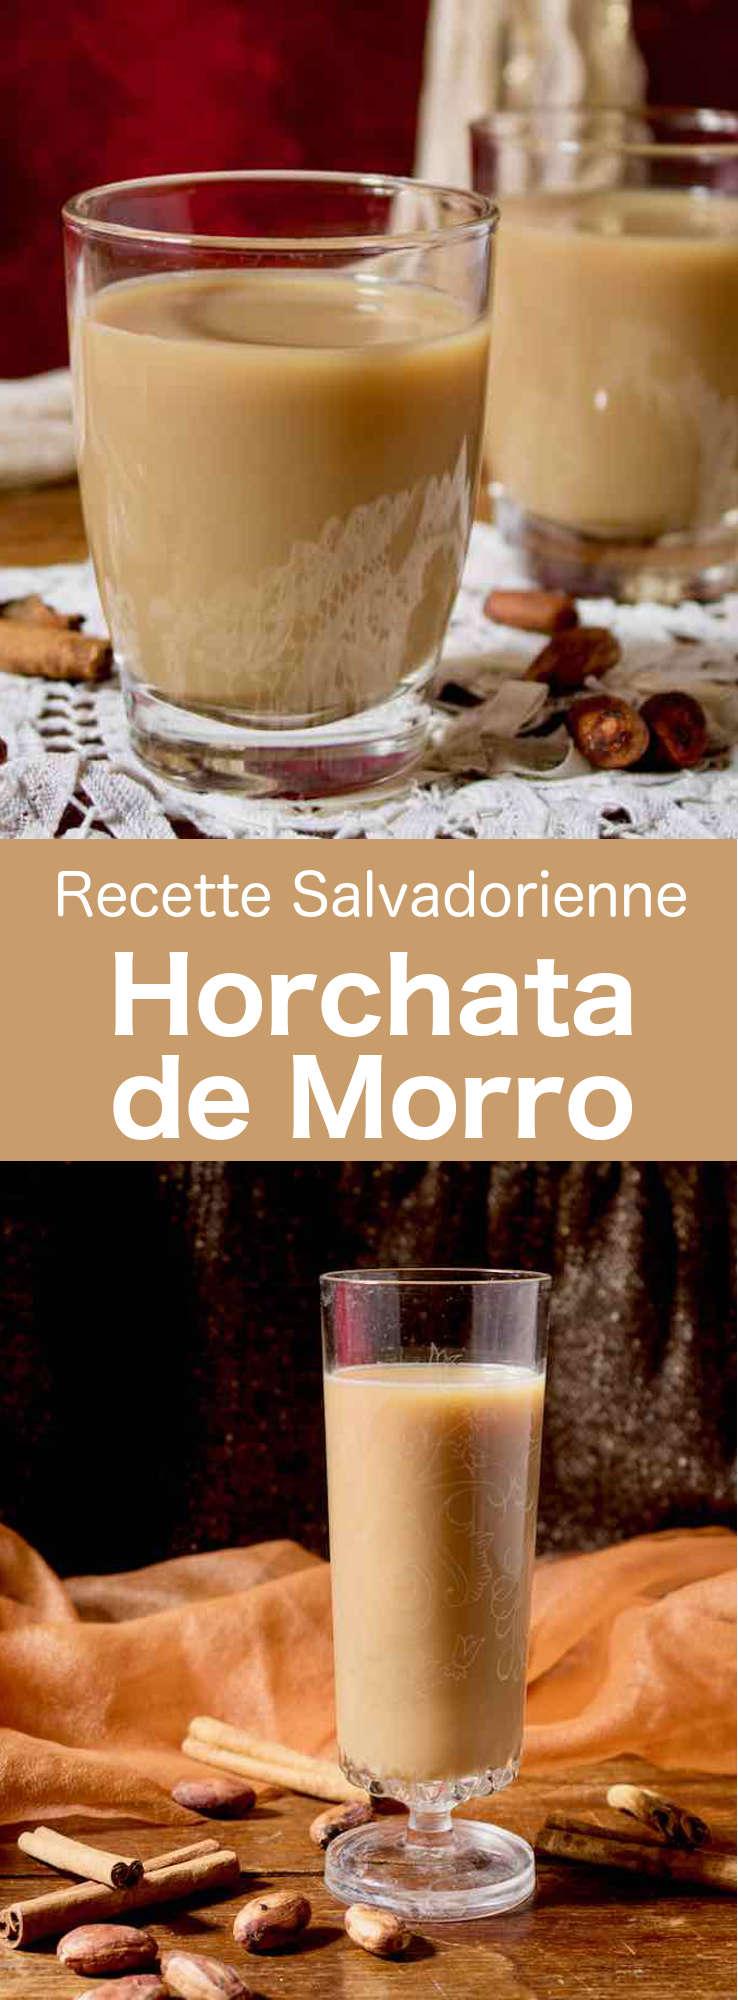 La horchata de morro est une boisson fraîche populaire du Salvador préparée à partir d'un mélange d'épices et de graines telles que les graines de morro, de cacao, de sésame, d'arachide et d'autres. #Salvador #CuisineSalvadorienne #AmeriqueCentrale #CuisineDuMonde #196flavors